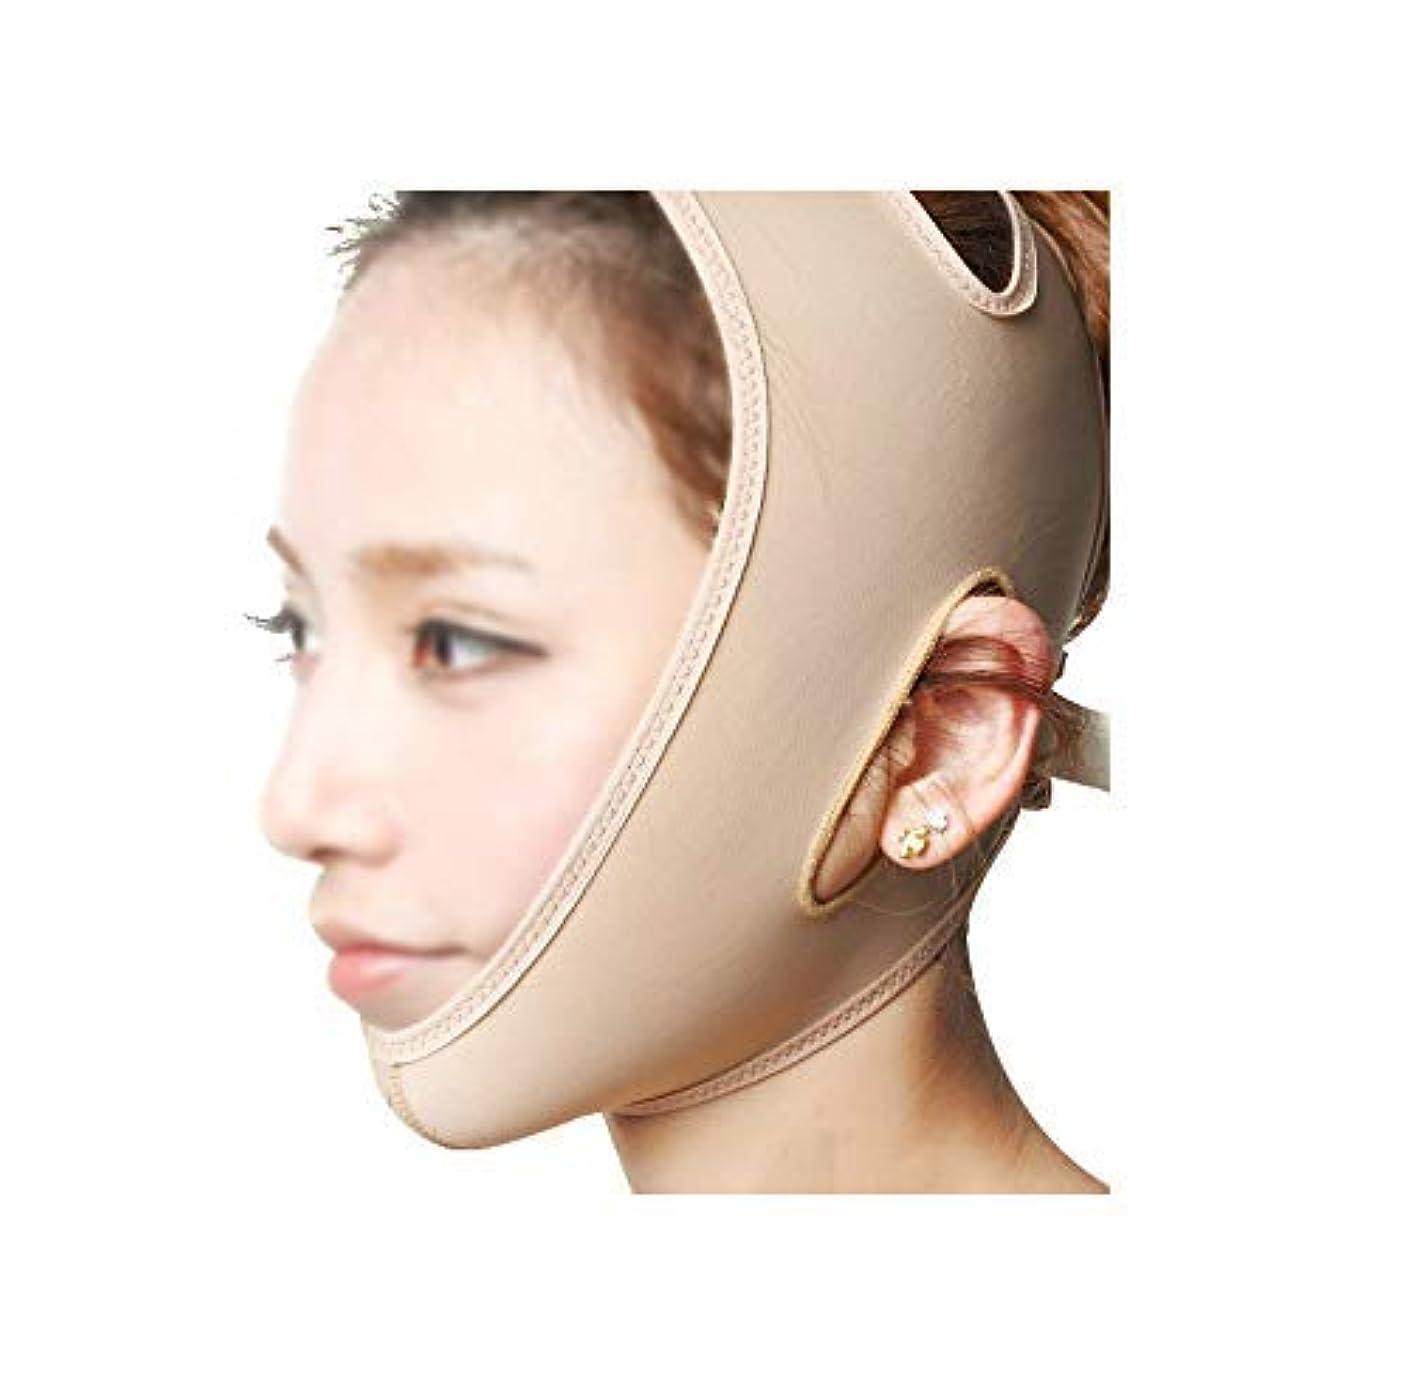 フォーカス旋回溶かすフェイスリフティングバンデージVフェイスインスツルメントフェイスマスクアーティファクトフェイスリフティング引き締めフェイシャルマッサージ通気性肌のトーン(サイズ:xl),M